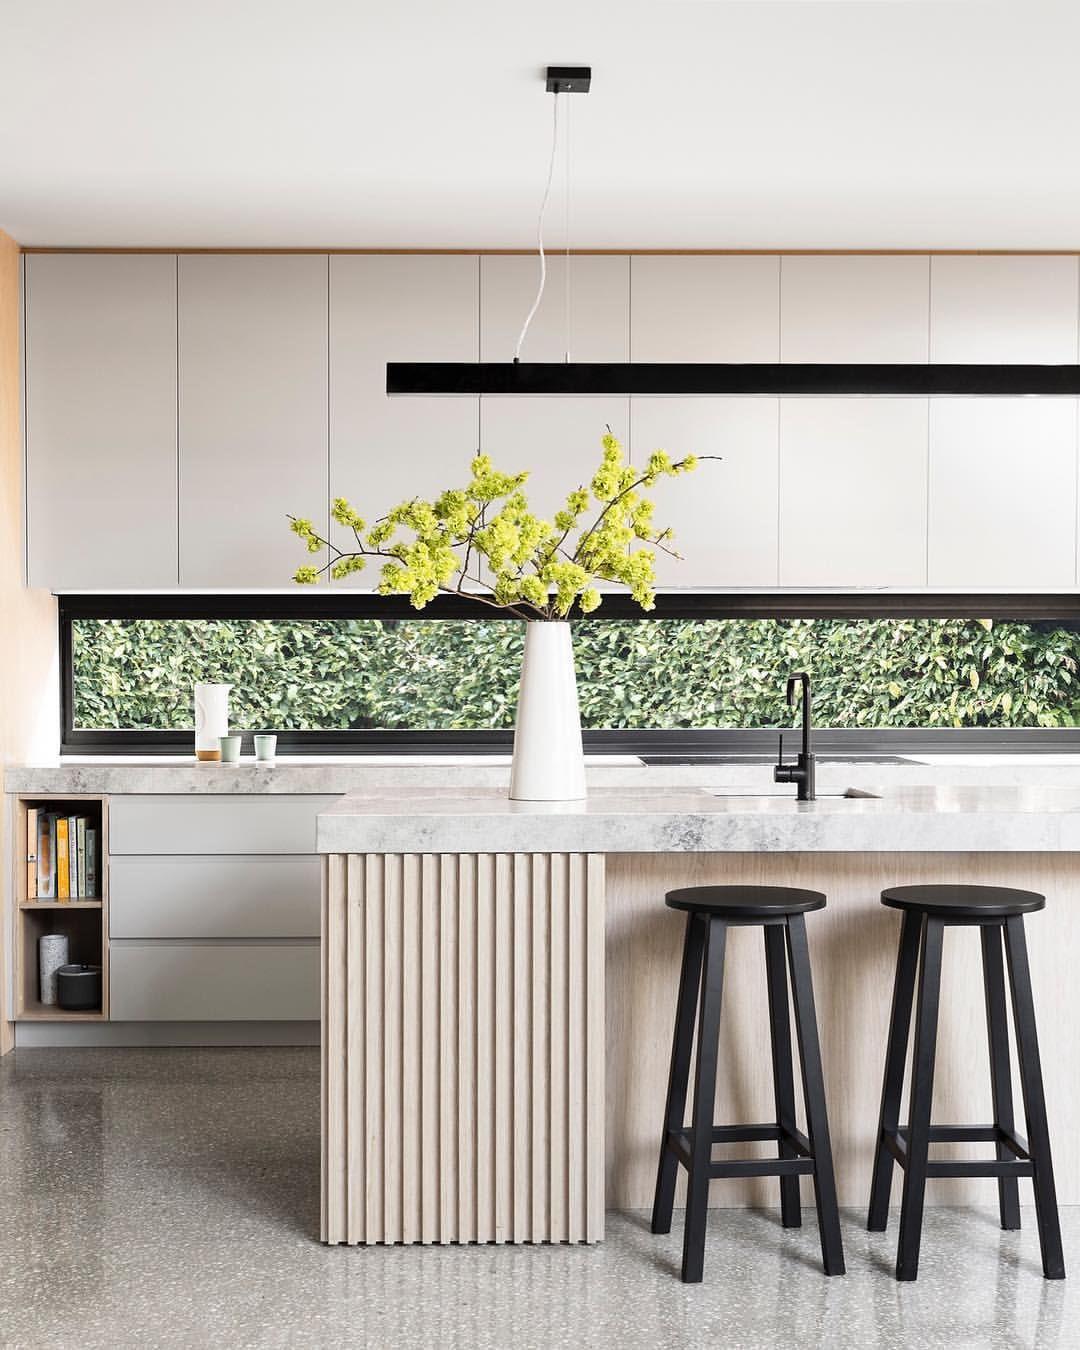 K che modern schlicht minimalistisch einrichten wohnen dekorieren interior design kochinsel holz - Minimalistisch dekorieren ...